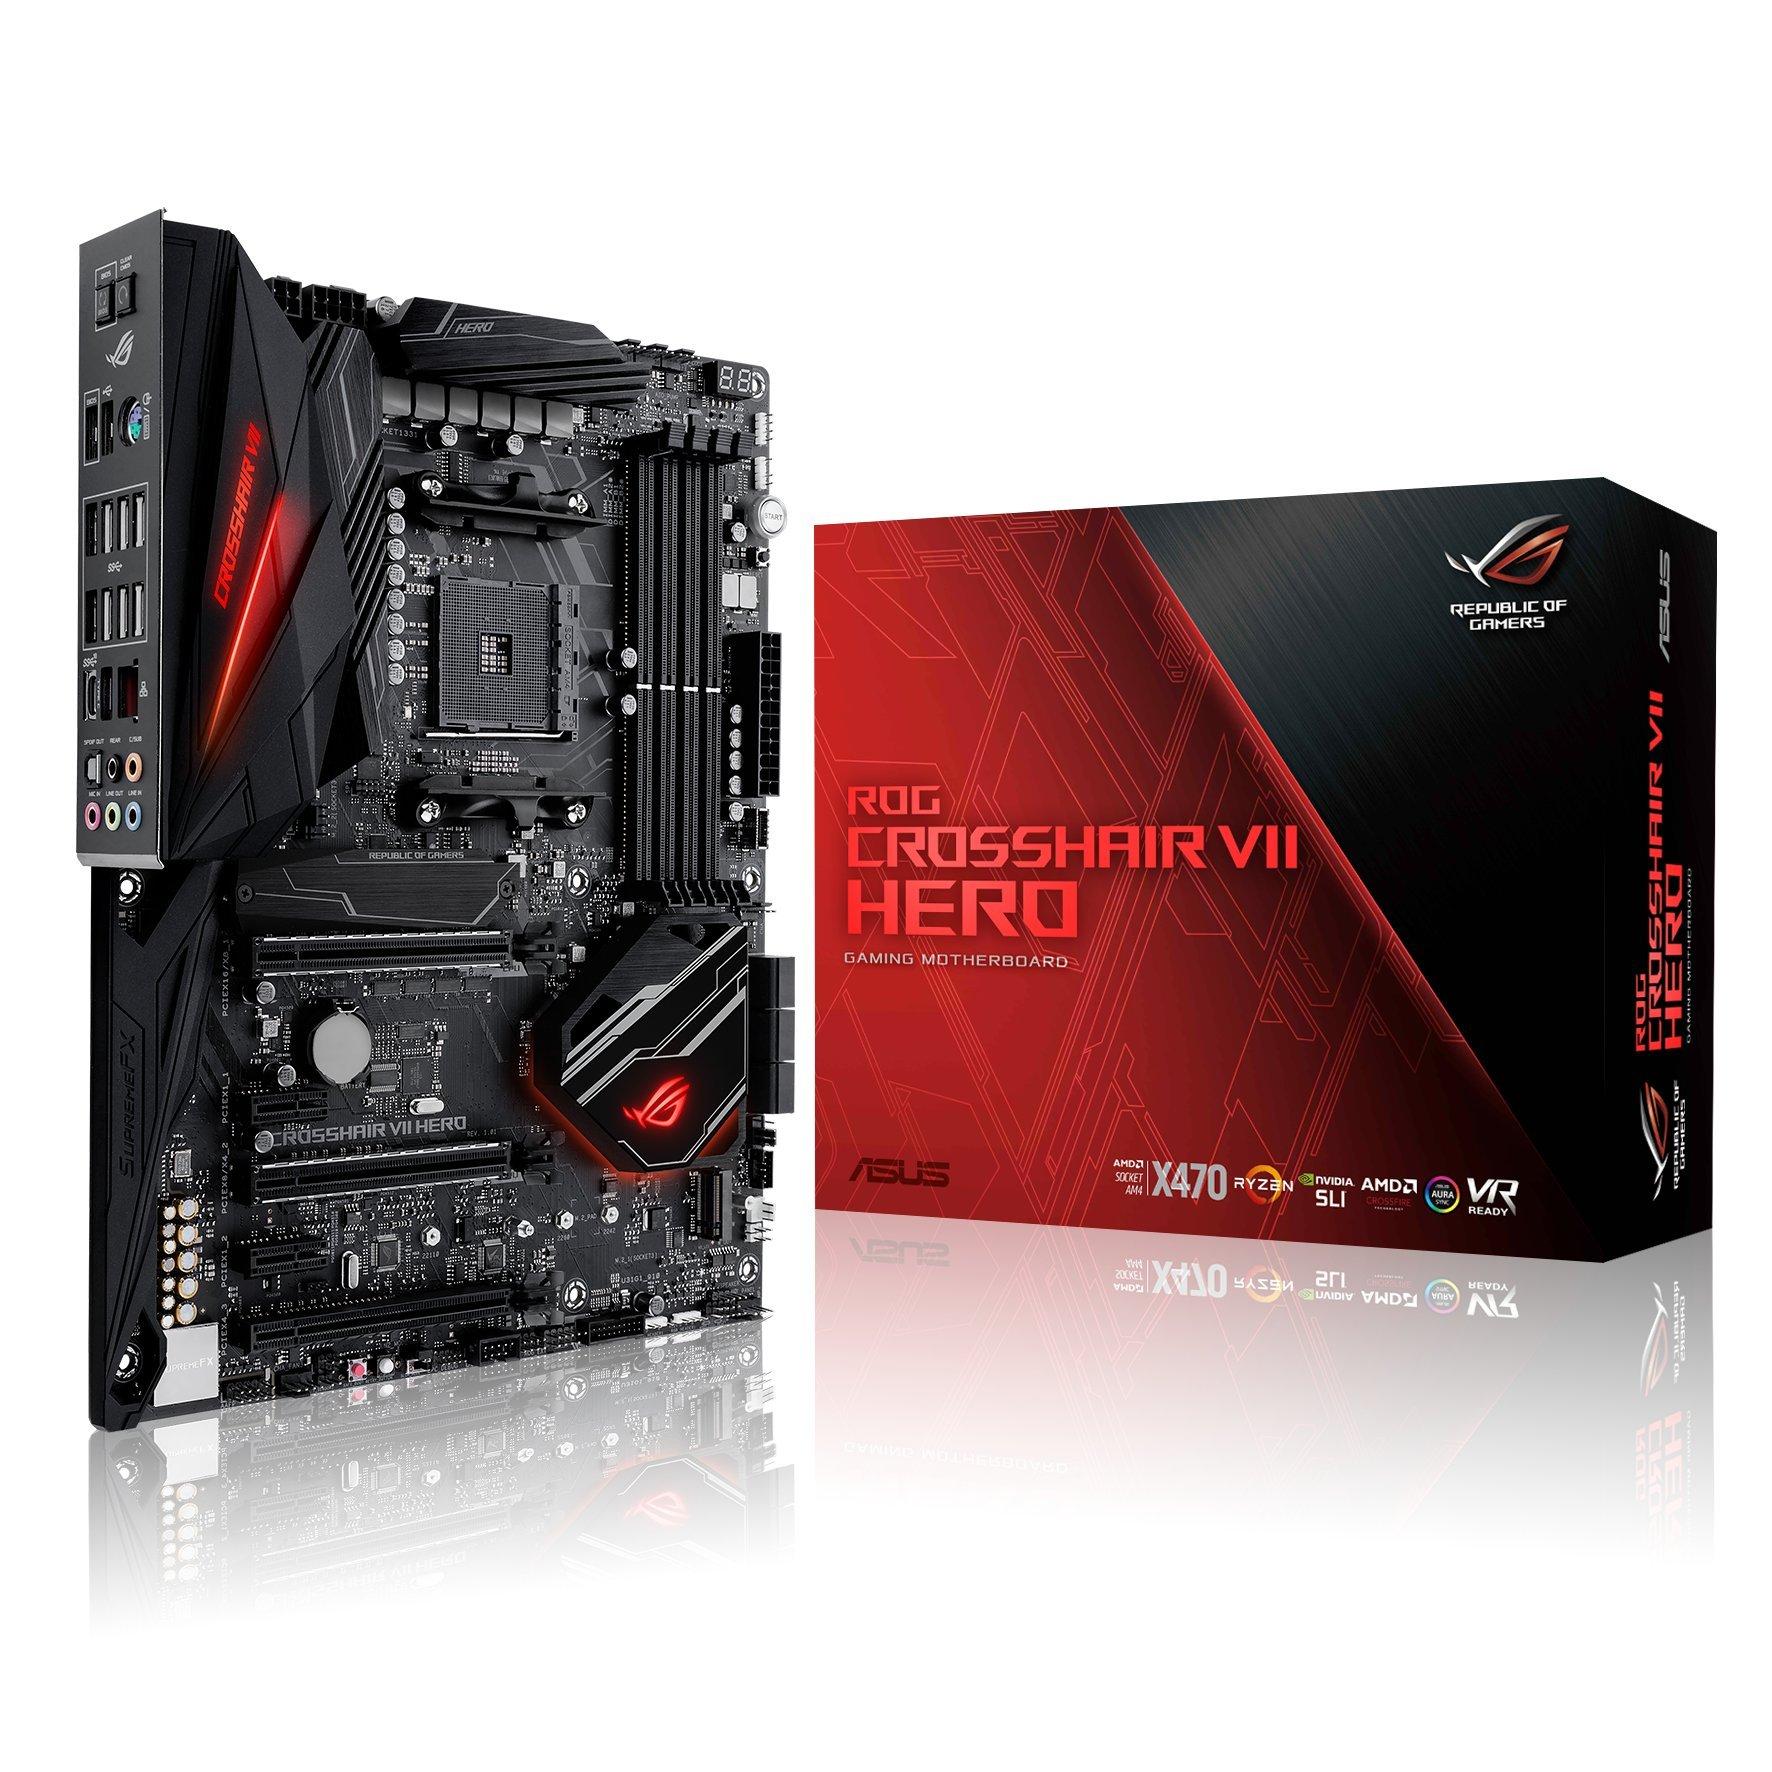 ASUS X470 ROG Crosshair VII Hero Motherboard - Black